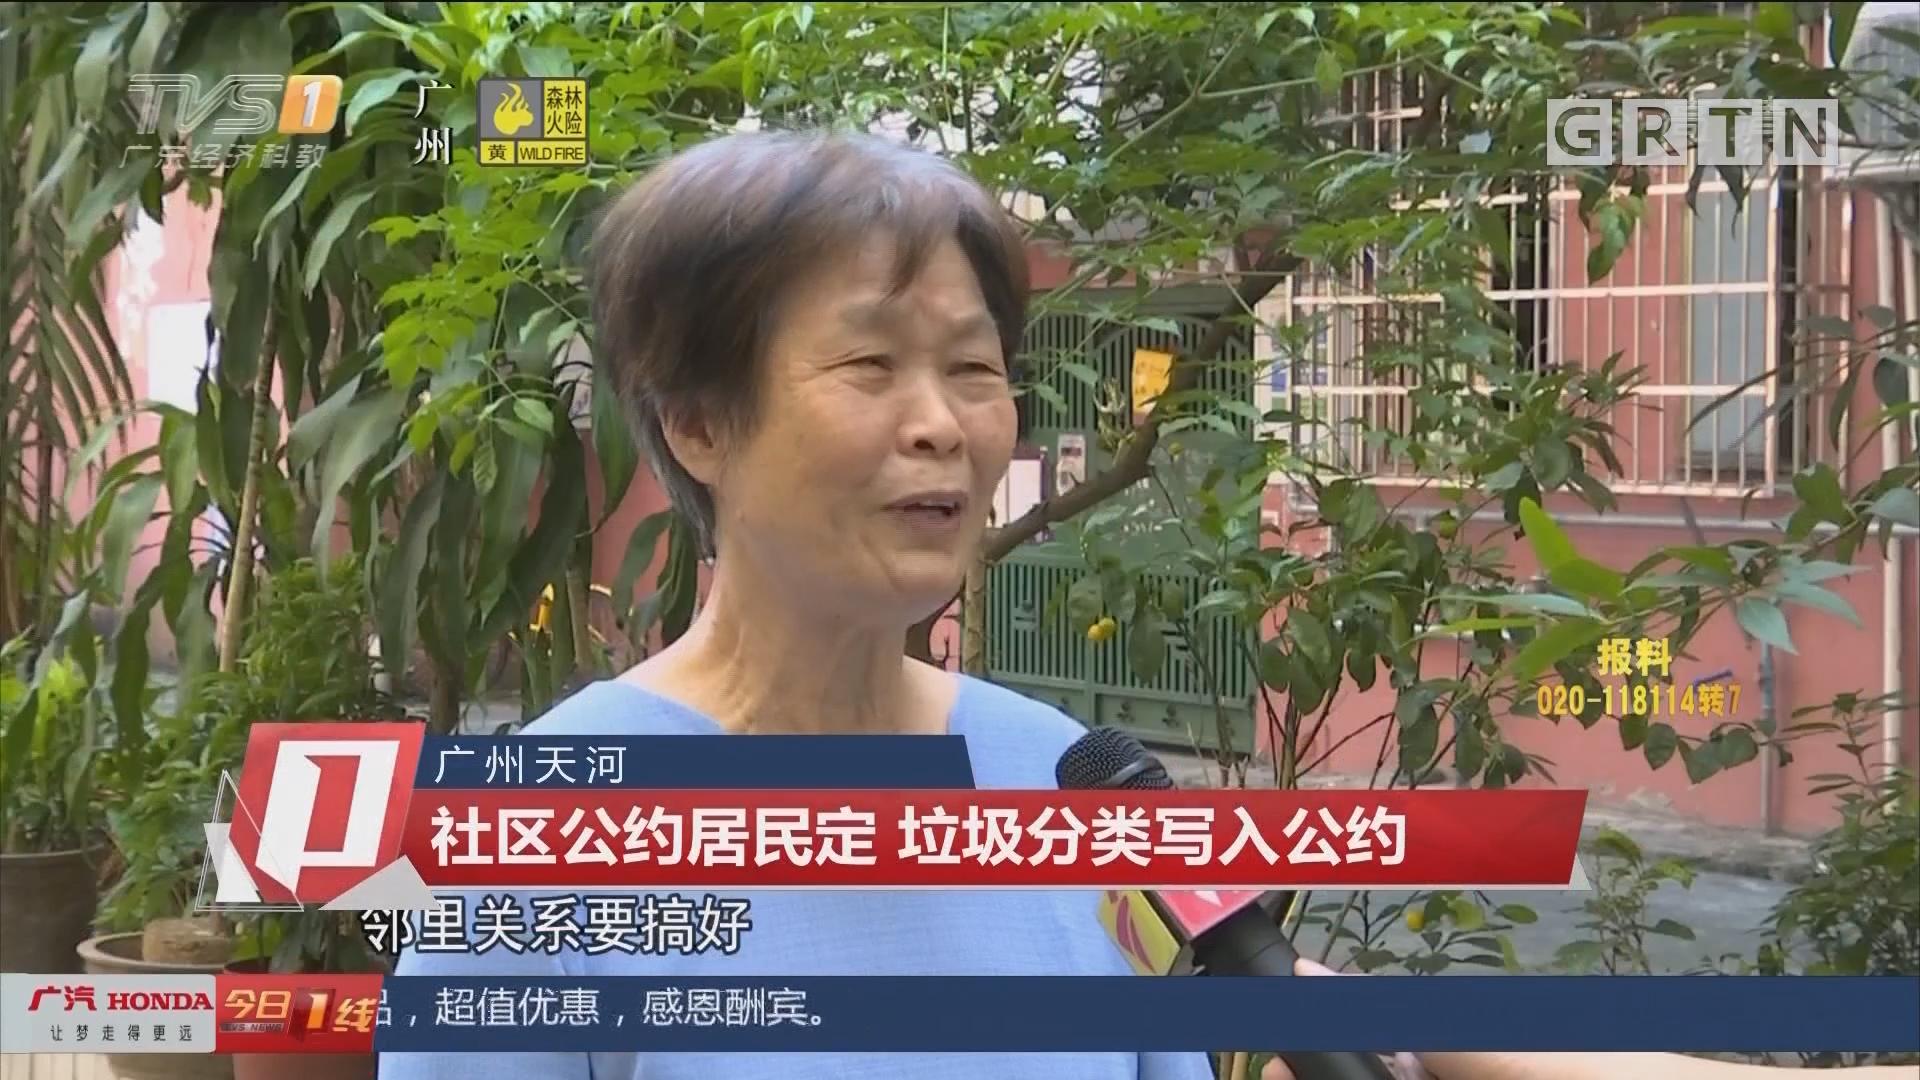 廣州天河 社區公約居民定 垃圾分類寫入公約